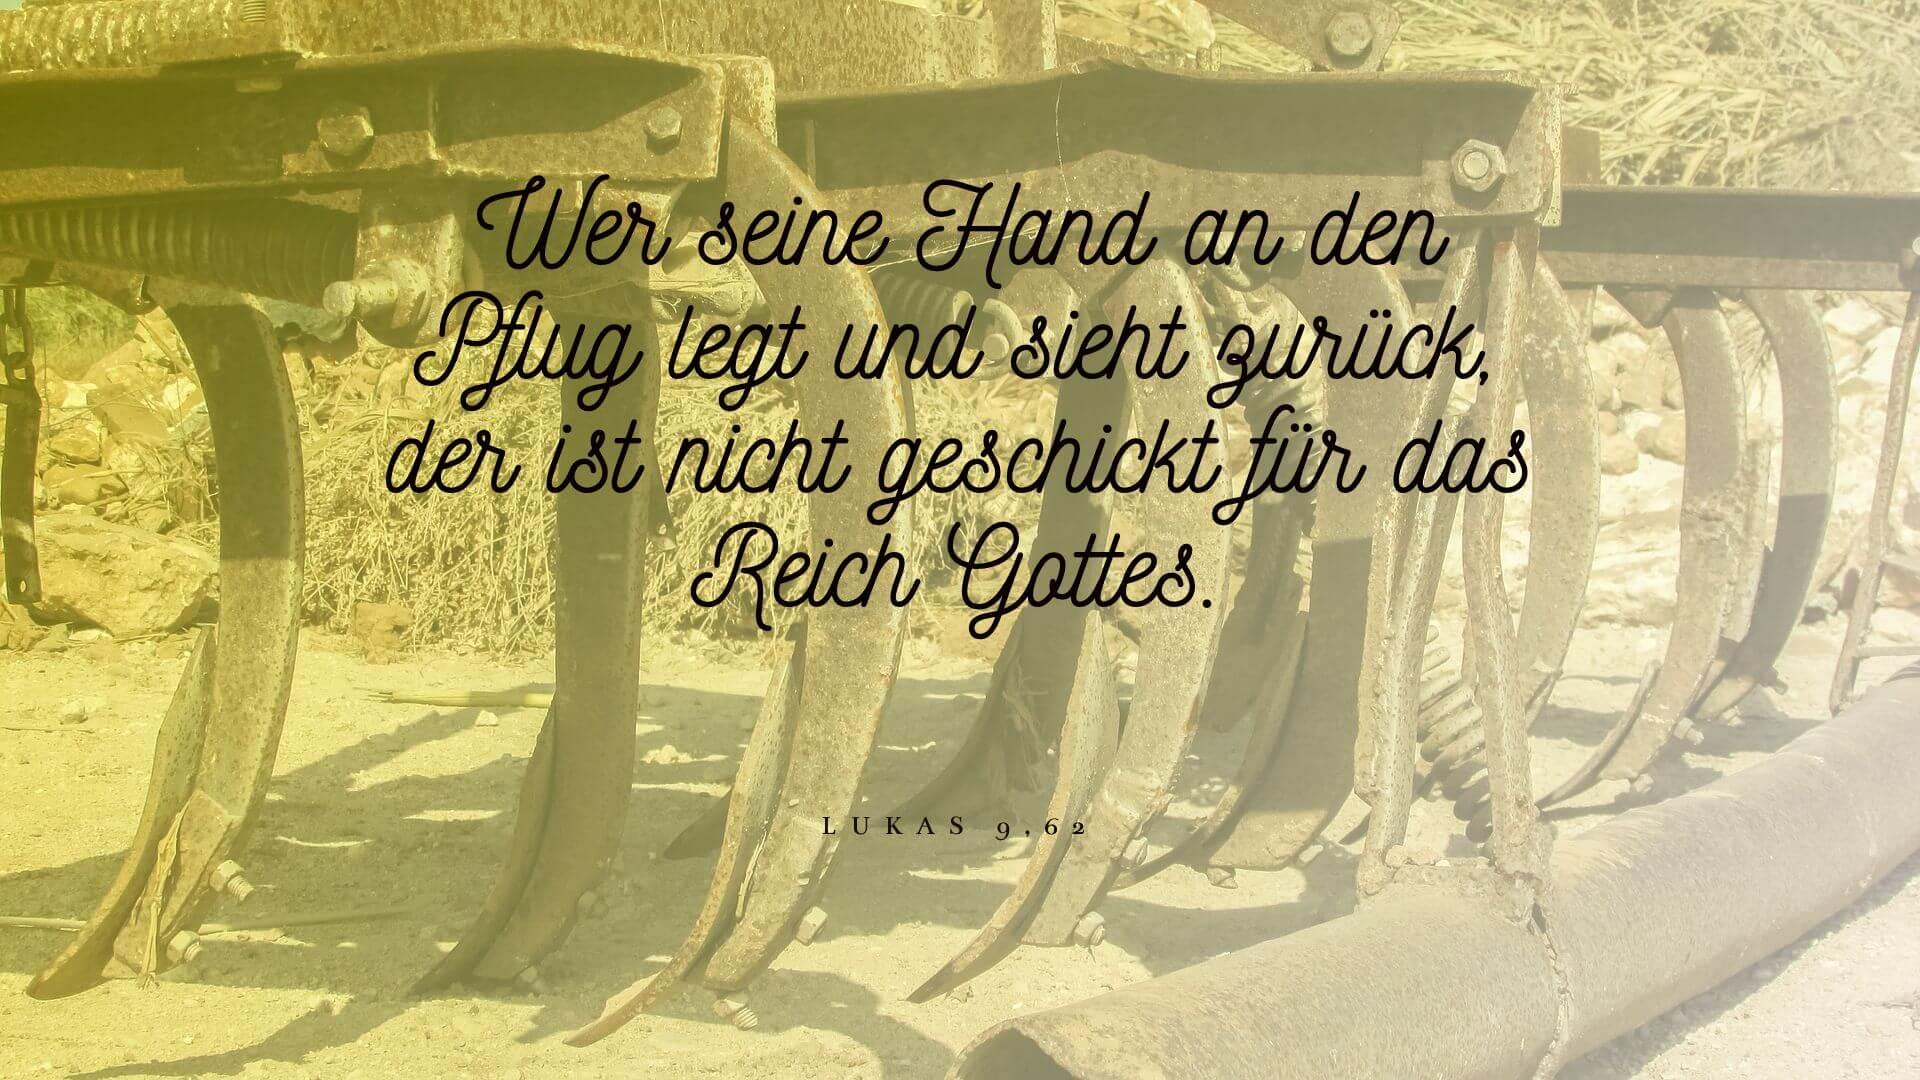 Wer seine Hand an den Pflug legt und sieht zurück, der ist nicht geschickt für das Reich Gottes. - Lukas 9,62